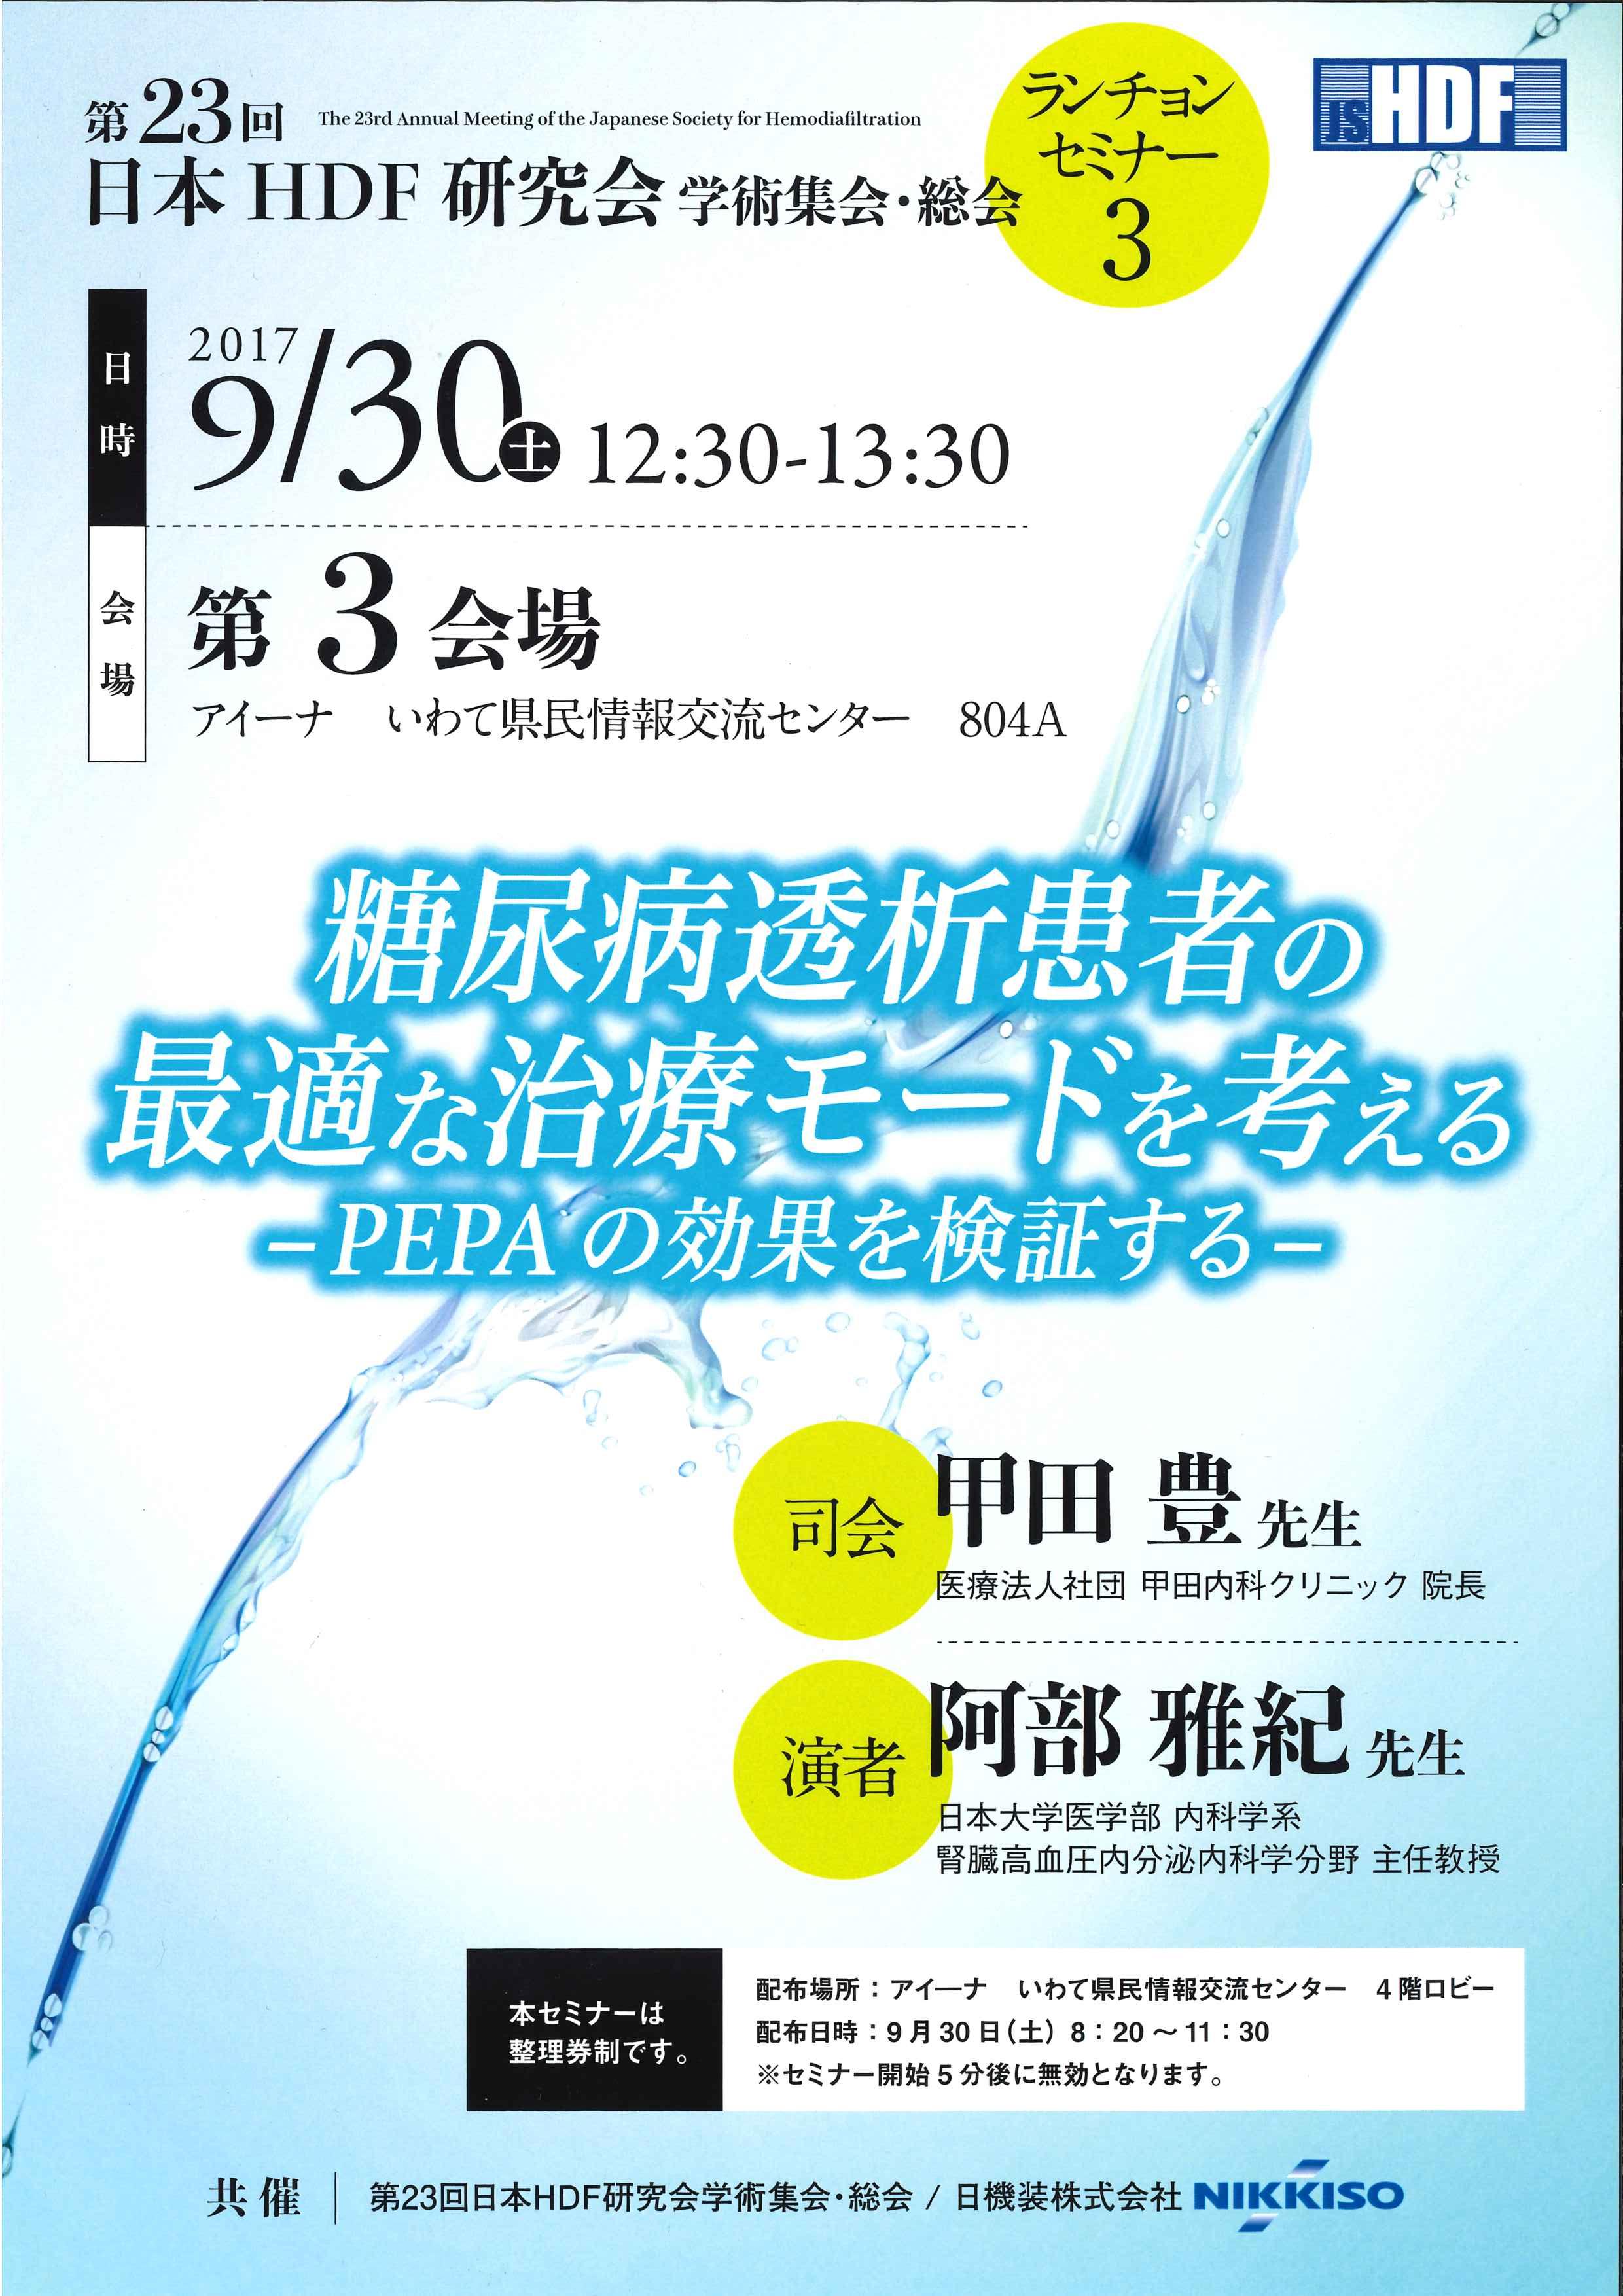 第23回日本HDF研究会学術集会・総会 ランチョンセミナー3のお知らせ